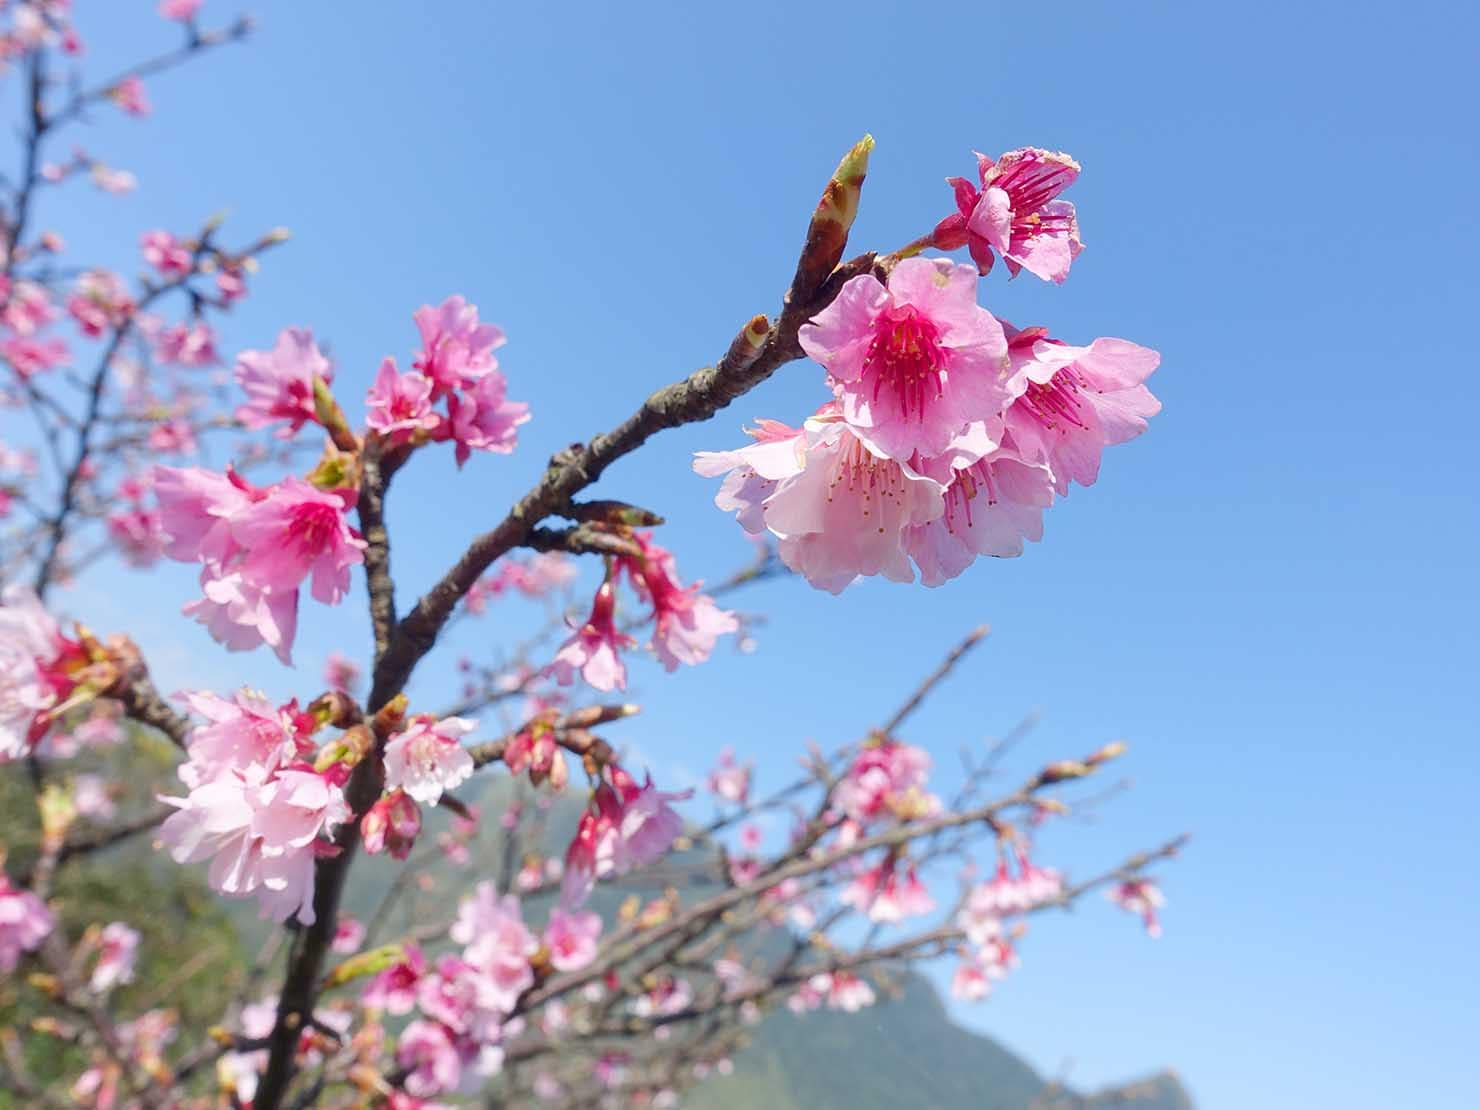 台北・金瓜石に咲く桜のクローズアップ